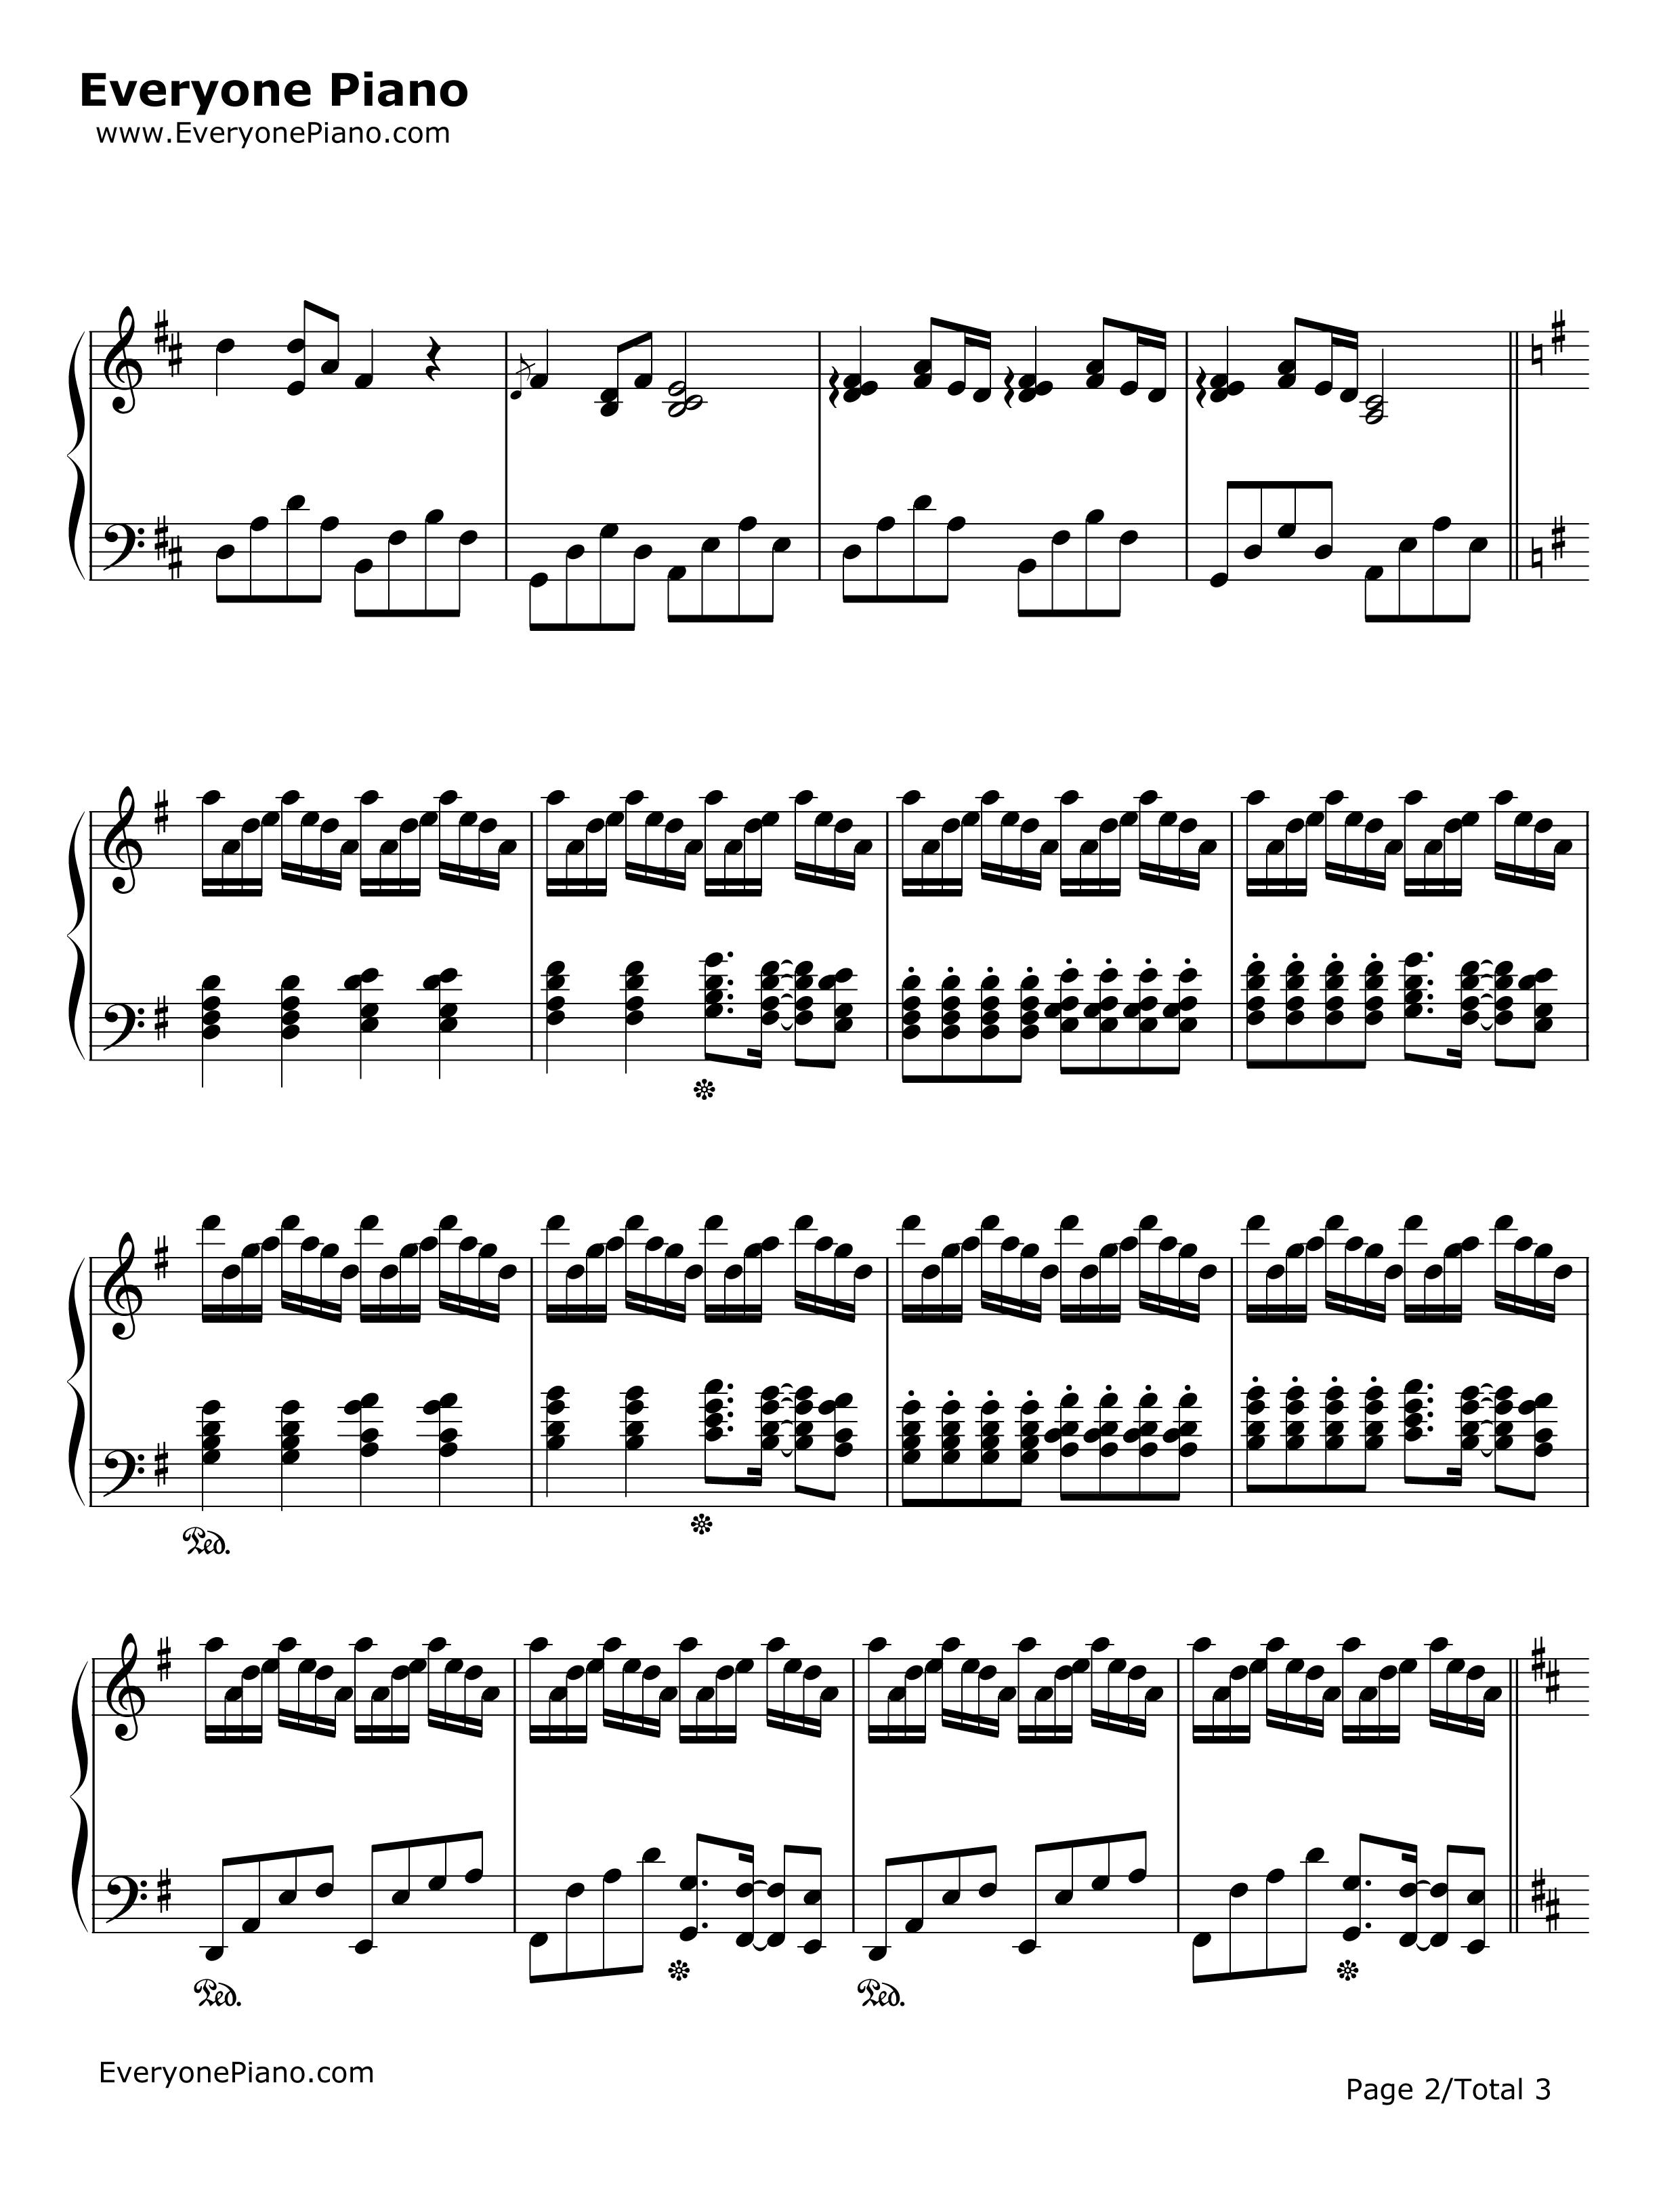 钢琴曲summer完整的谱子,不用简谱